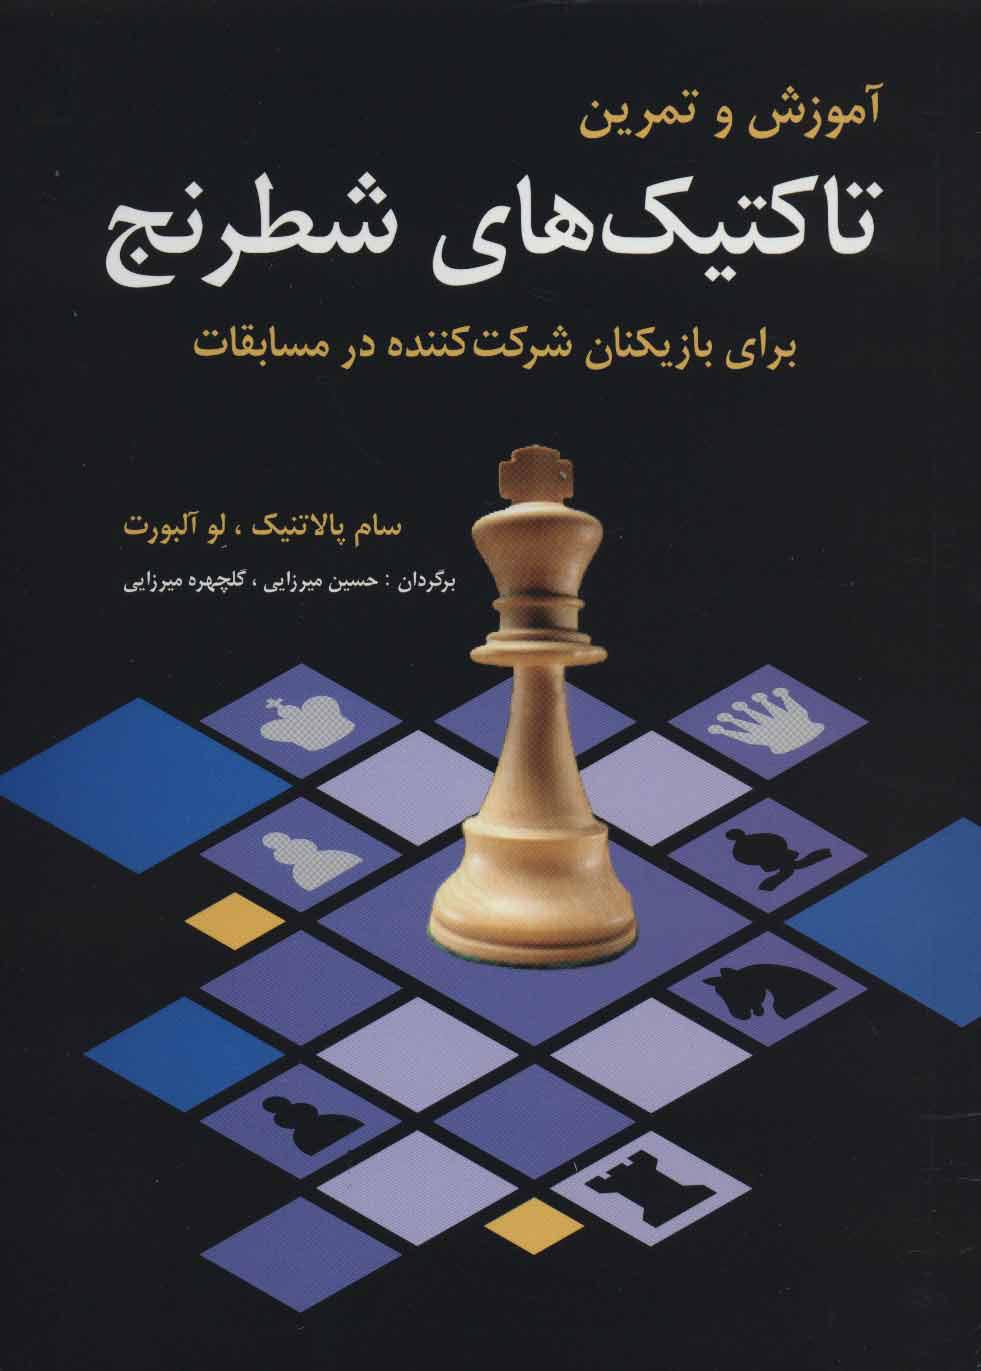 کتاب آموزش و تمرین تاکتیک های شطرنج